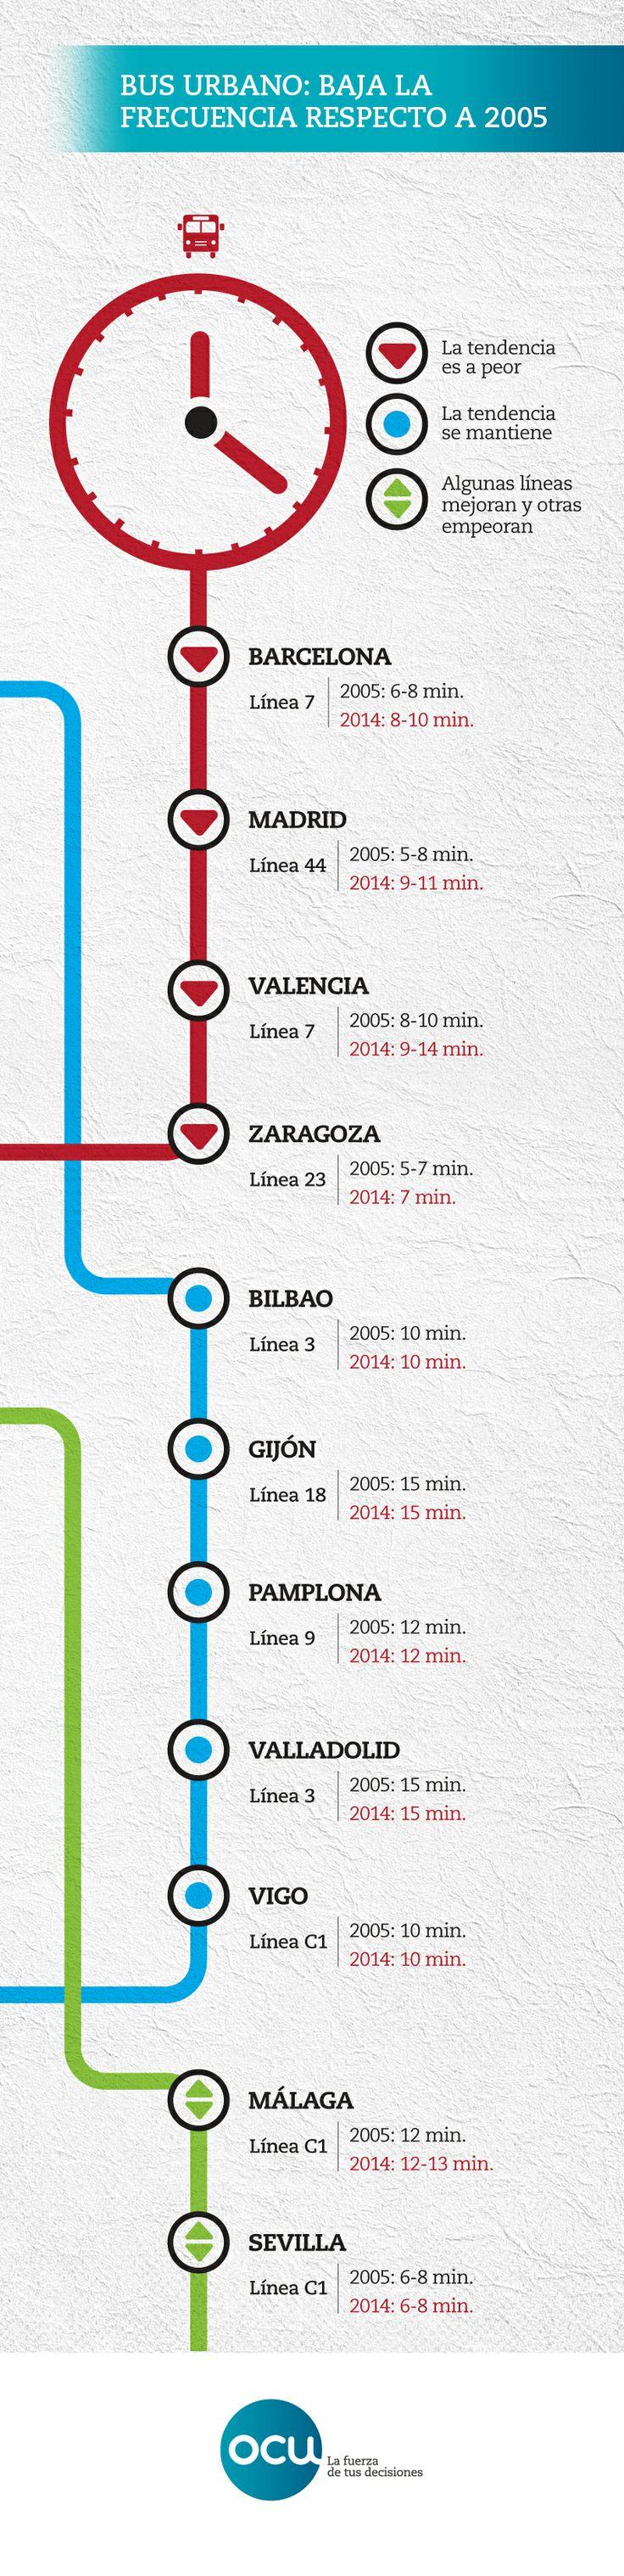 Analizamos si los buses urbanos pasan con mayor o menor frecuencia en diferentes ciudades españoles. Para cada ciudad destacamos una línea de bus que sigue la tendencia marcada entre 2005 y 2014.